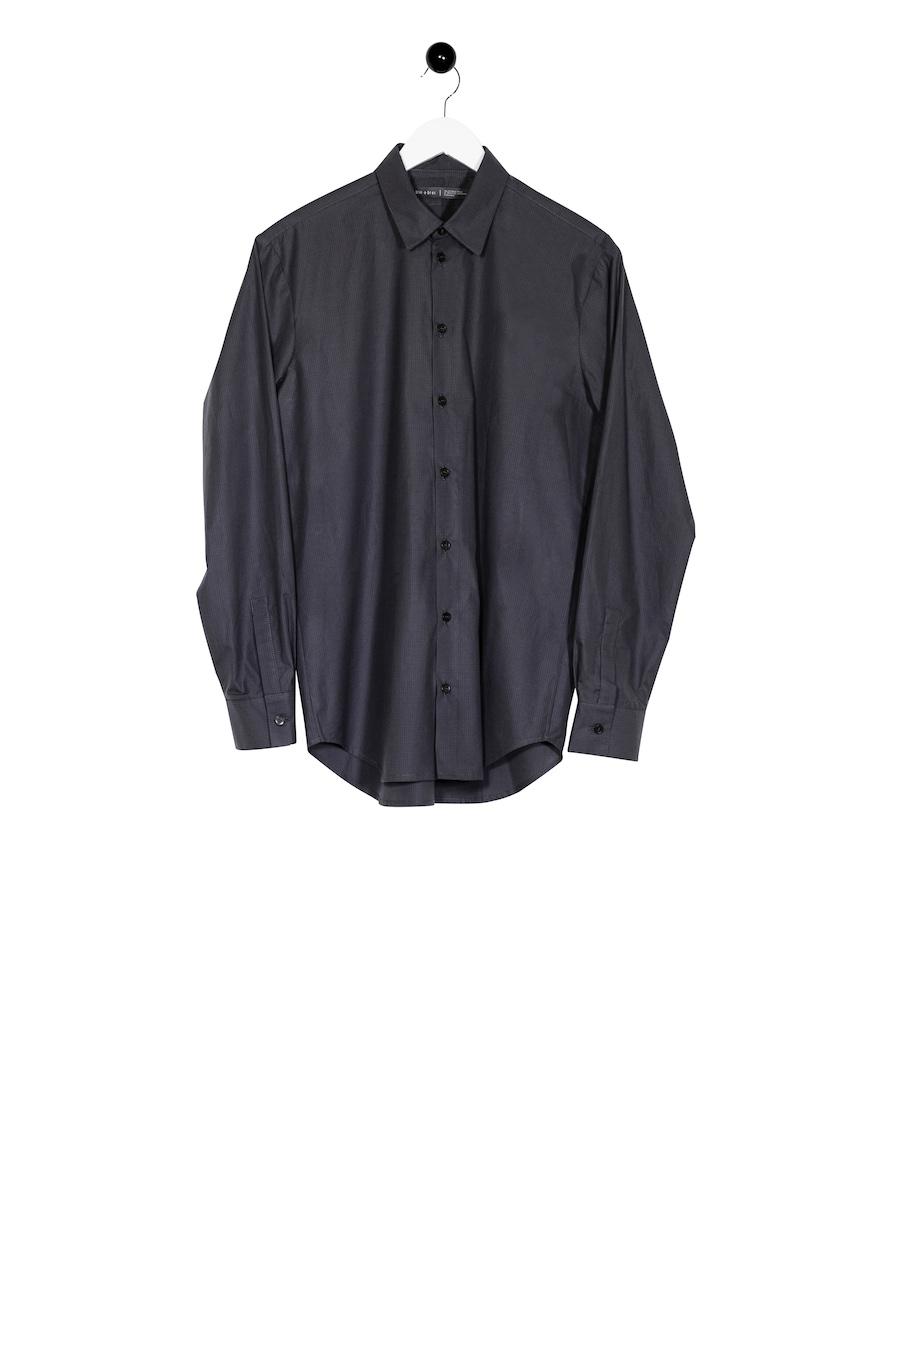 Holmby Shirt